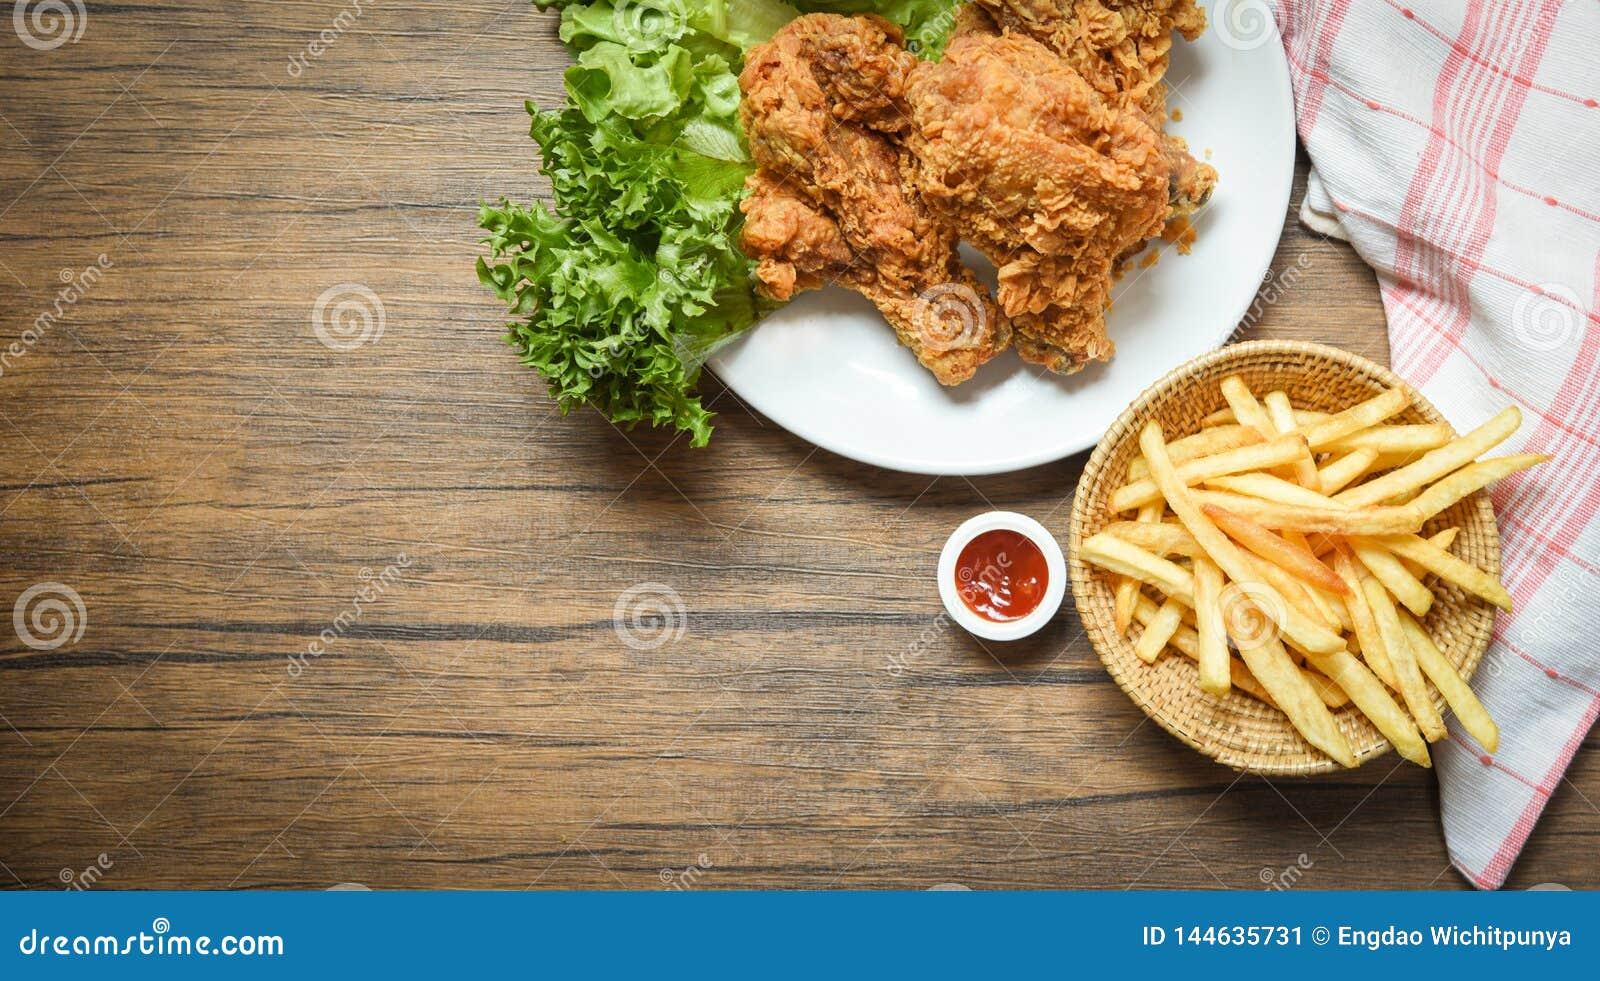 Pieczony kurczak crispy i sałatkowa sałata na bielu talerzu z francuzem smaży koszykowego ketchup na drewnianym łomota stole